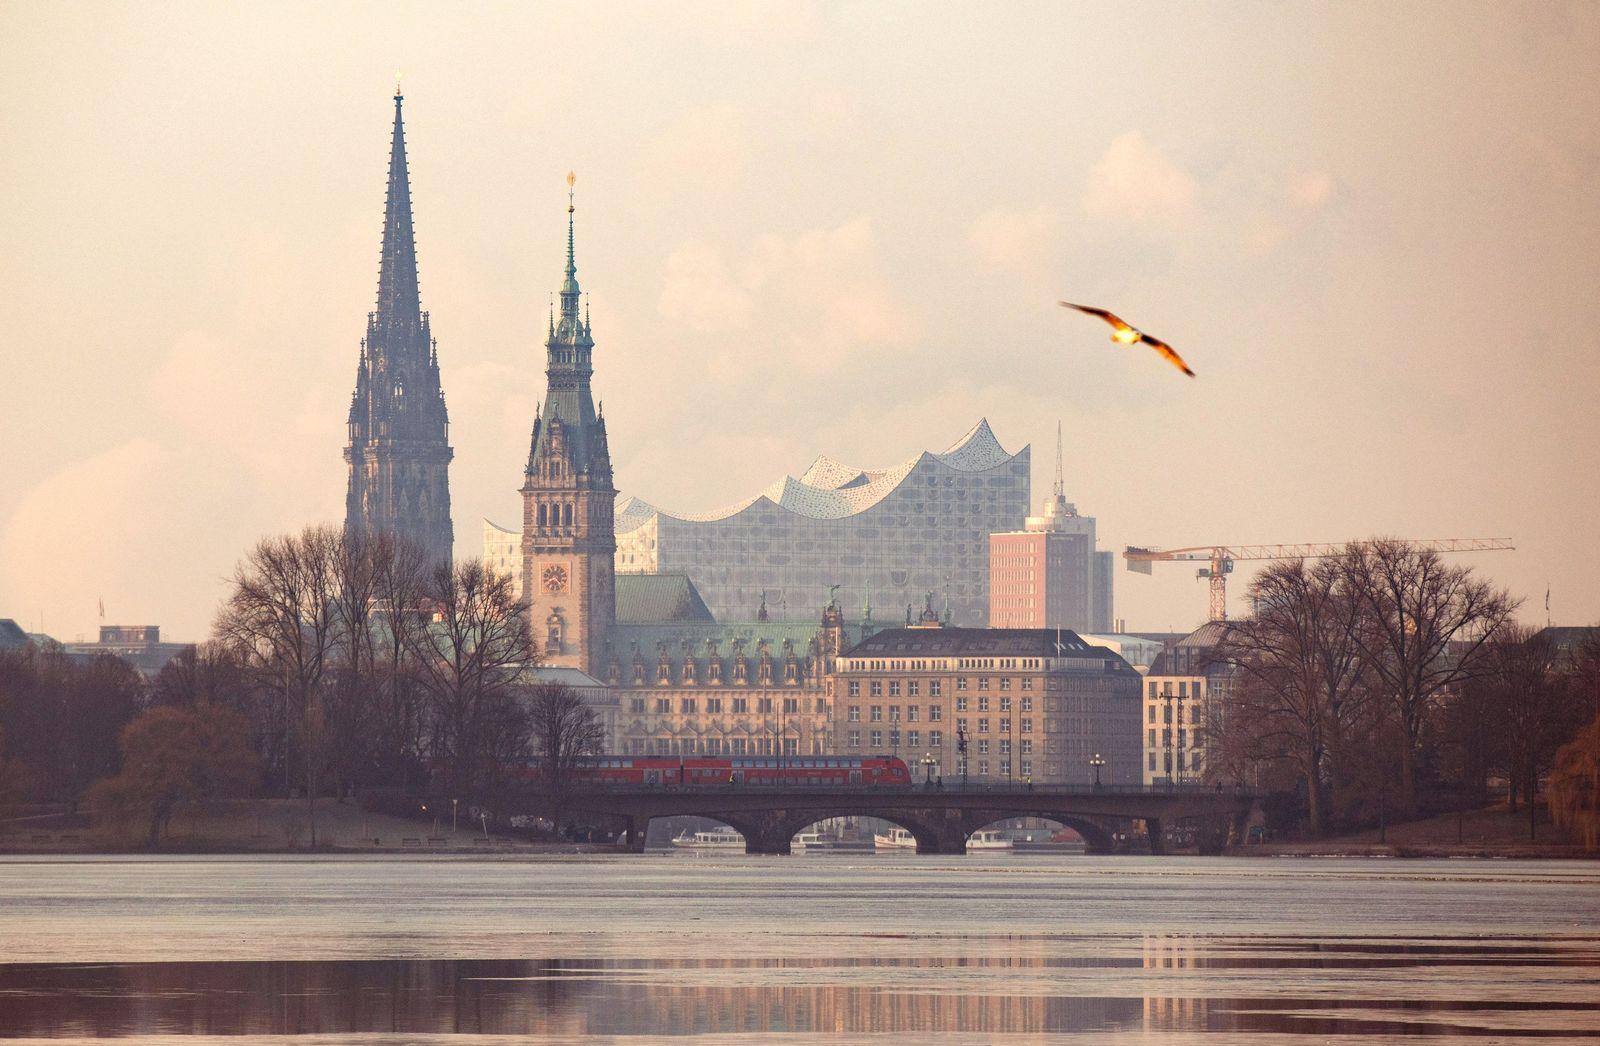 Kälte/ Obdachlosigkeit/ Hamburg